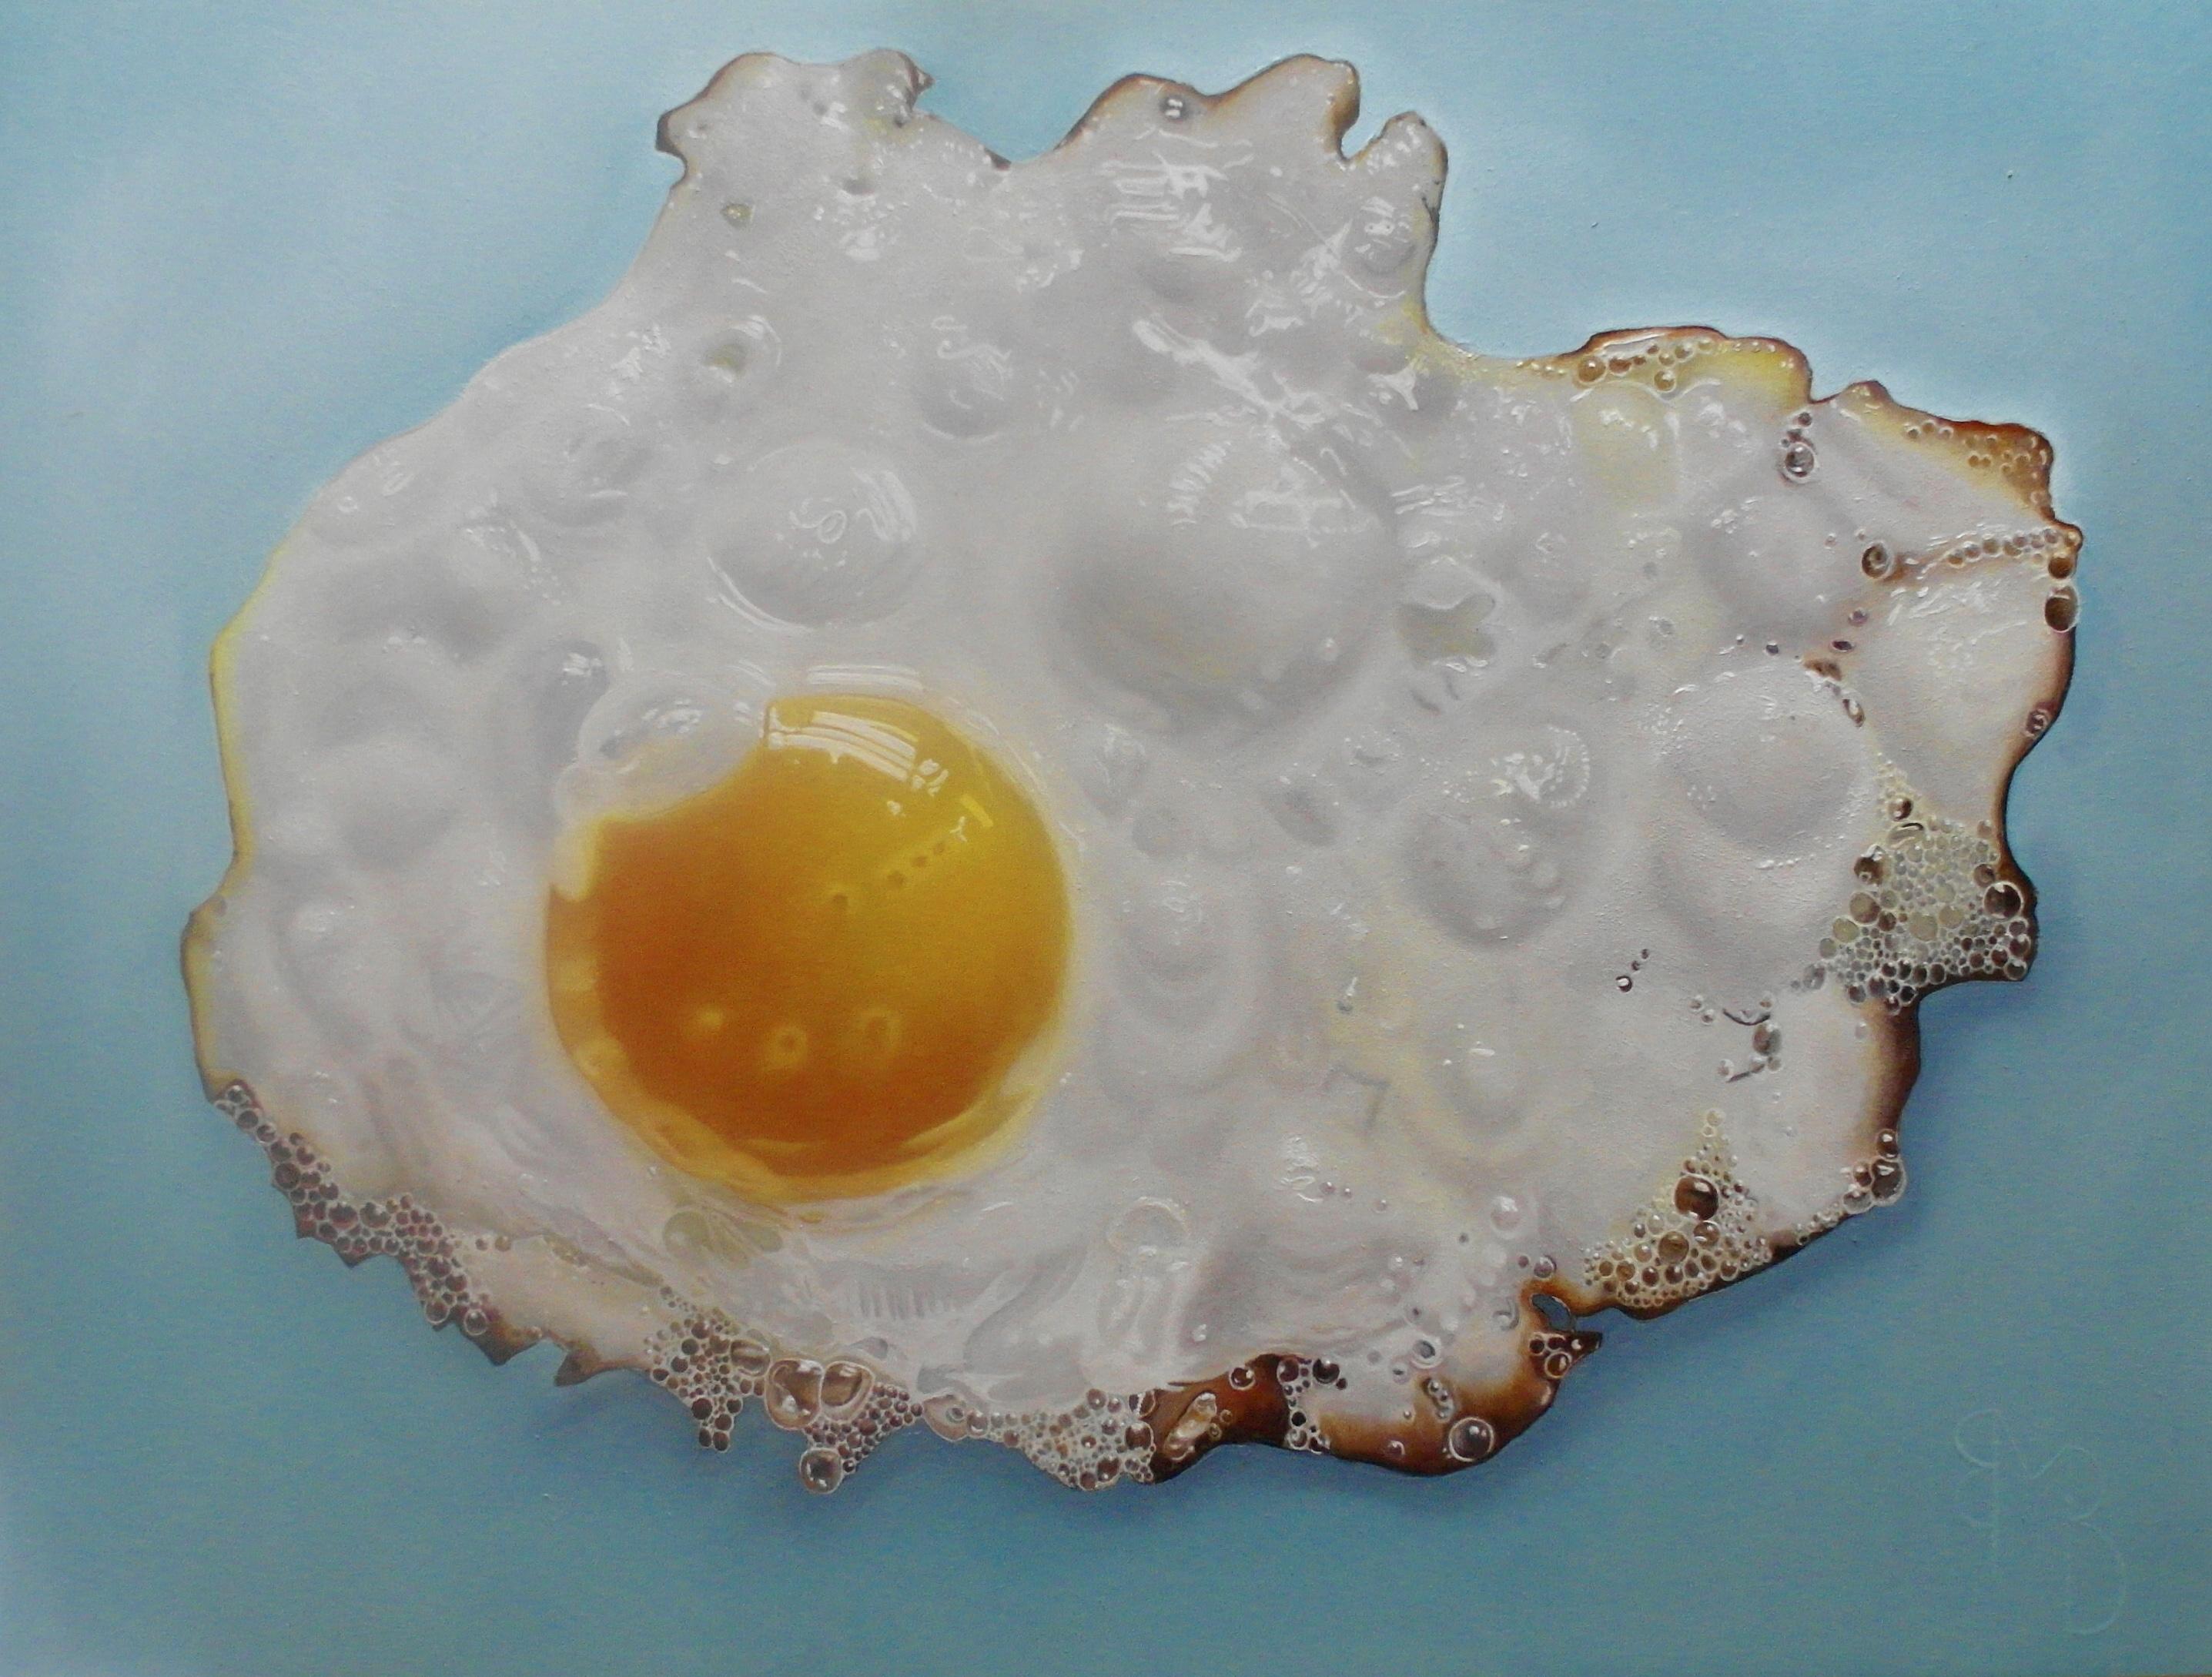 Een eigen gebakken eitje, geinspireerd door Tjalf Sparnaay, basis techniek fijnschilderen.